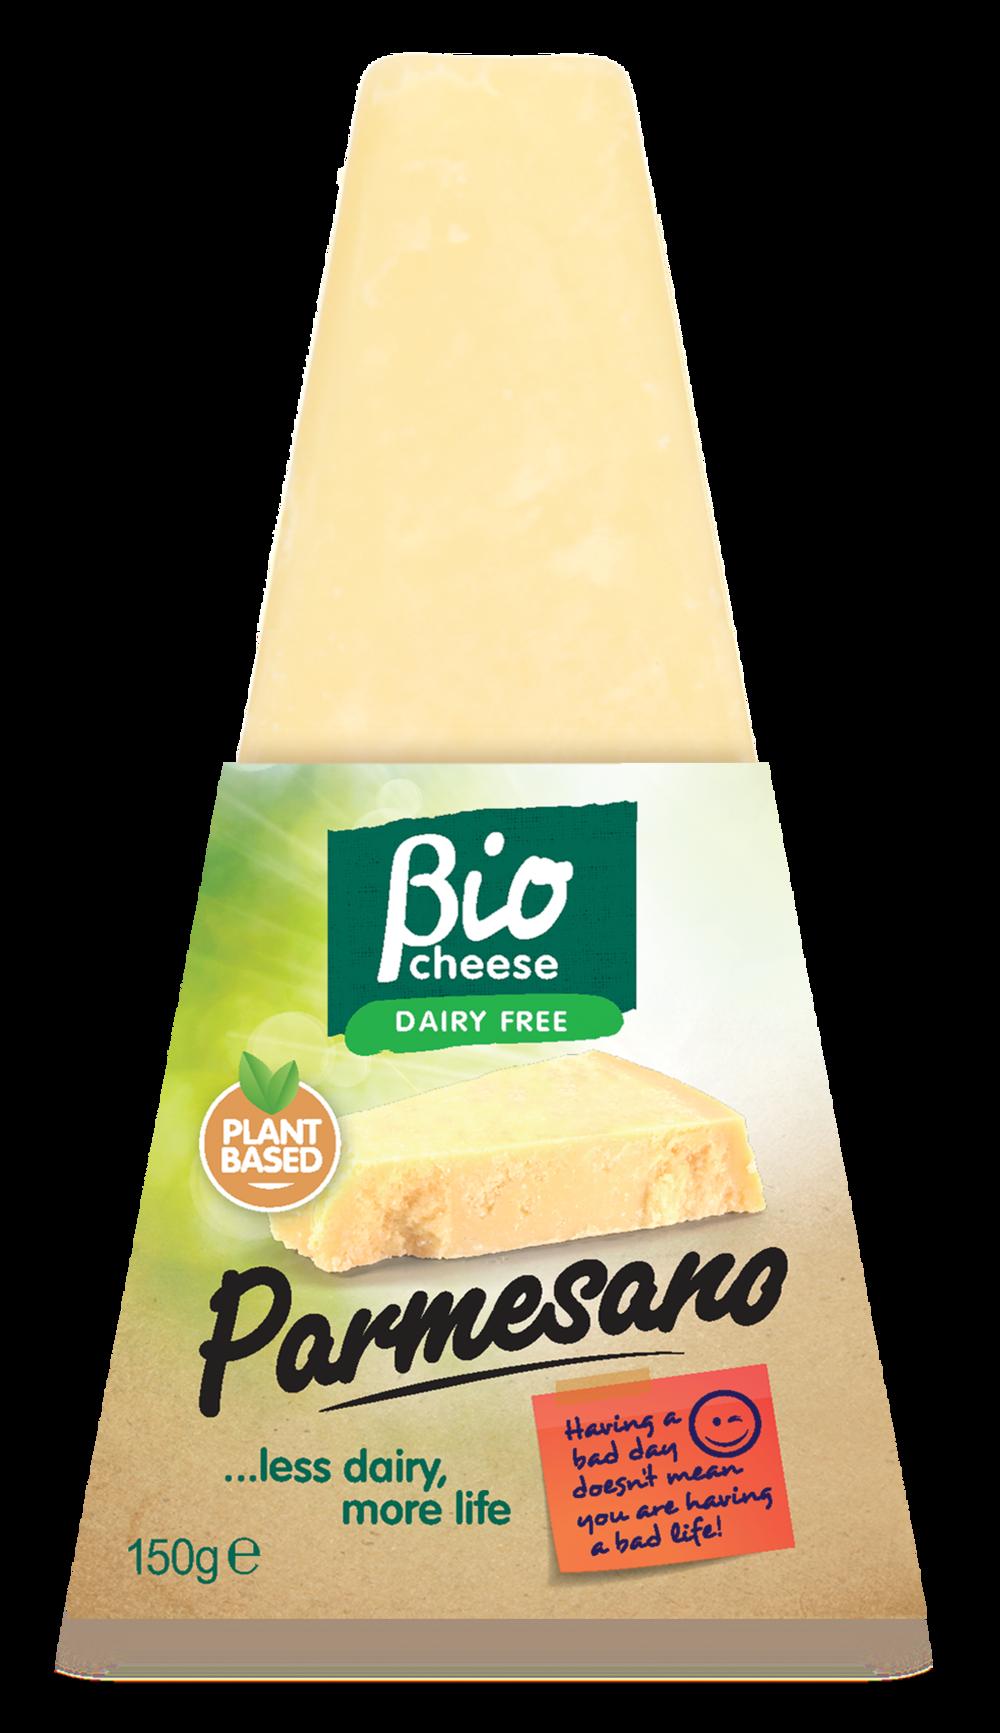 bio cheese parmesano vegan cheese